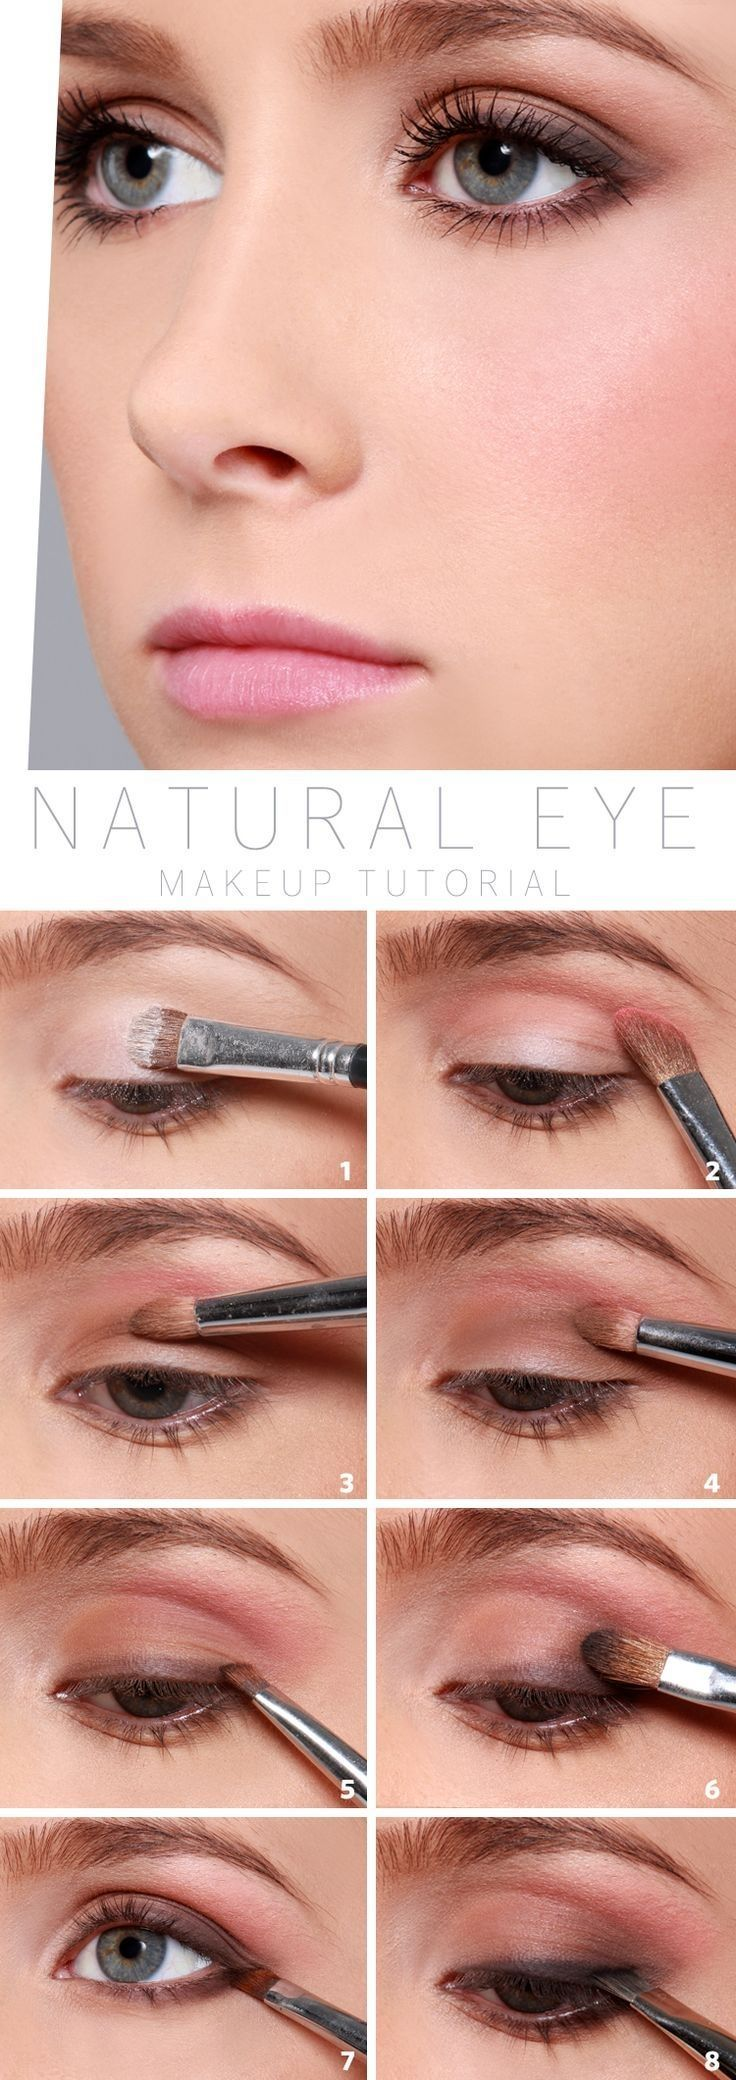 Le matin on a pas toujours envie d'être maquillée comme la veille mais l'inspiration peut manquer. Huit idées sympas pour un maquillage de tous les jours. Regard lumineux spécial yeux...